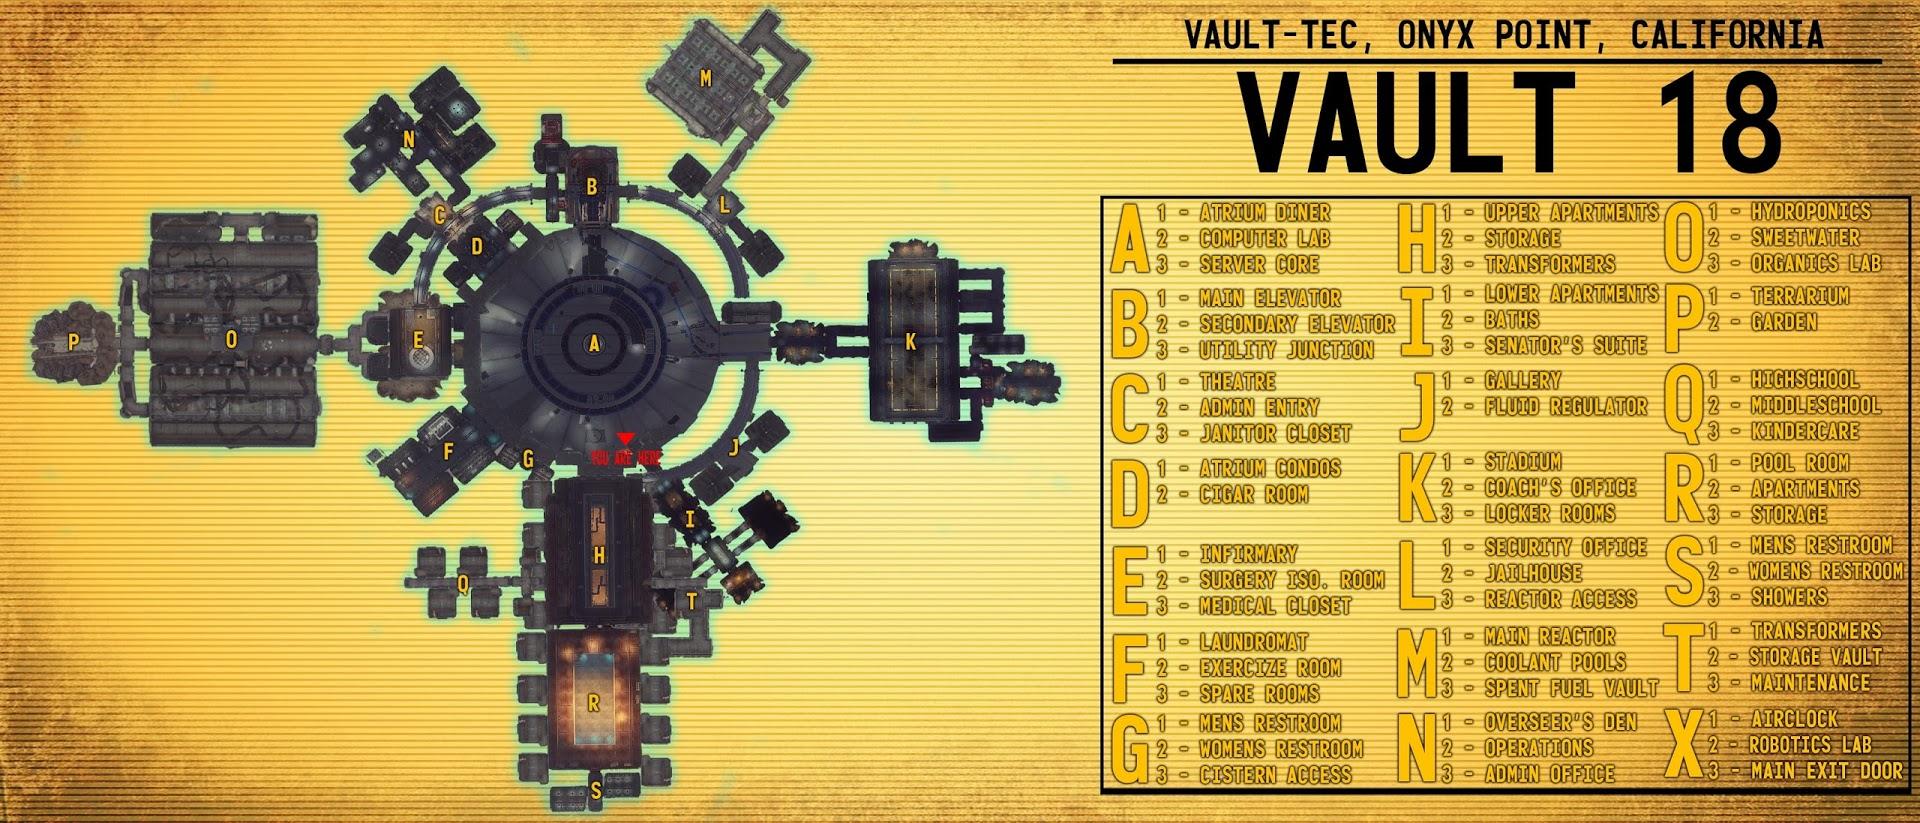 Vault 18 Complete Map